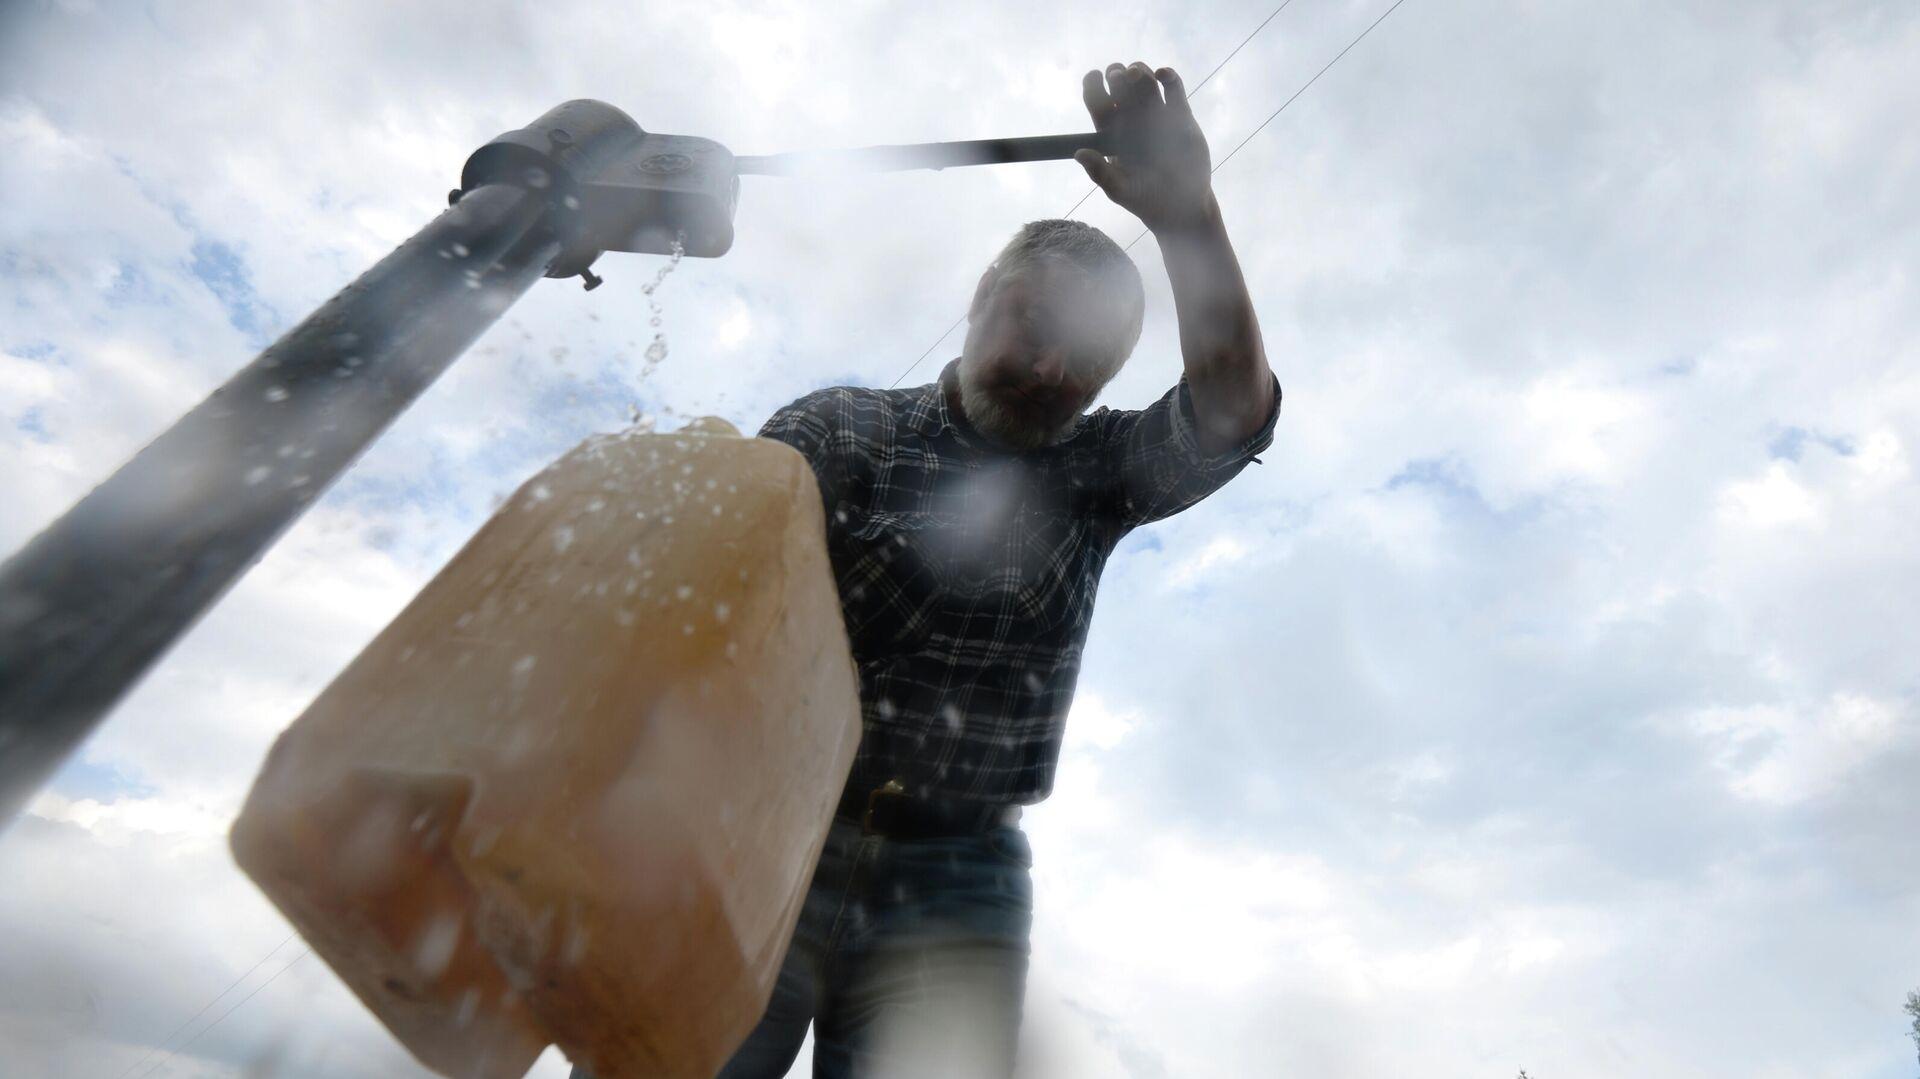 Мужчина набирает воду из колонки - РИА Новости, 1920, 27.12.2020